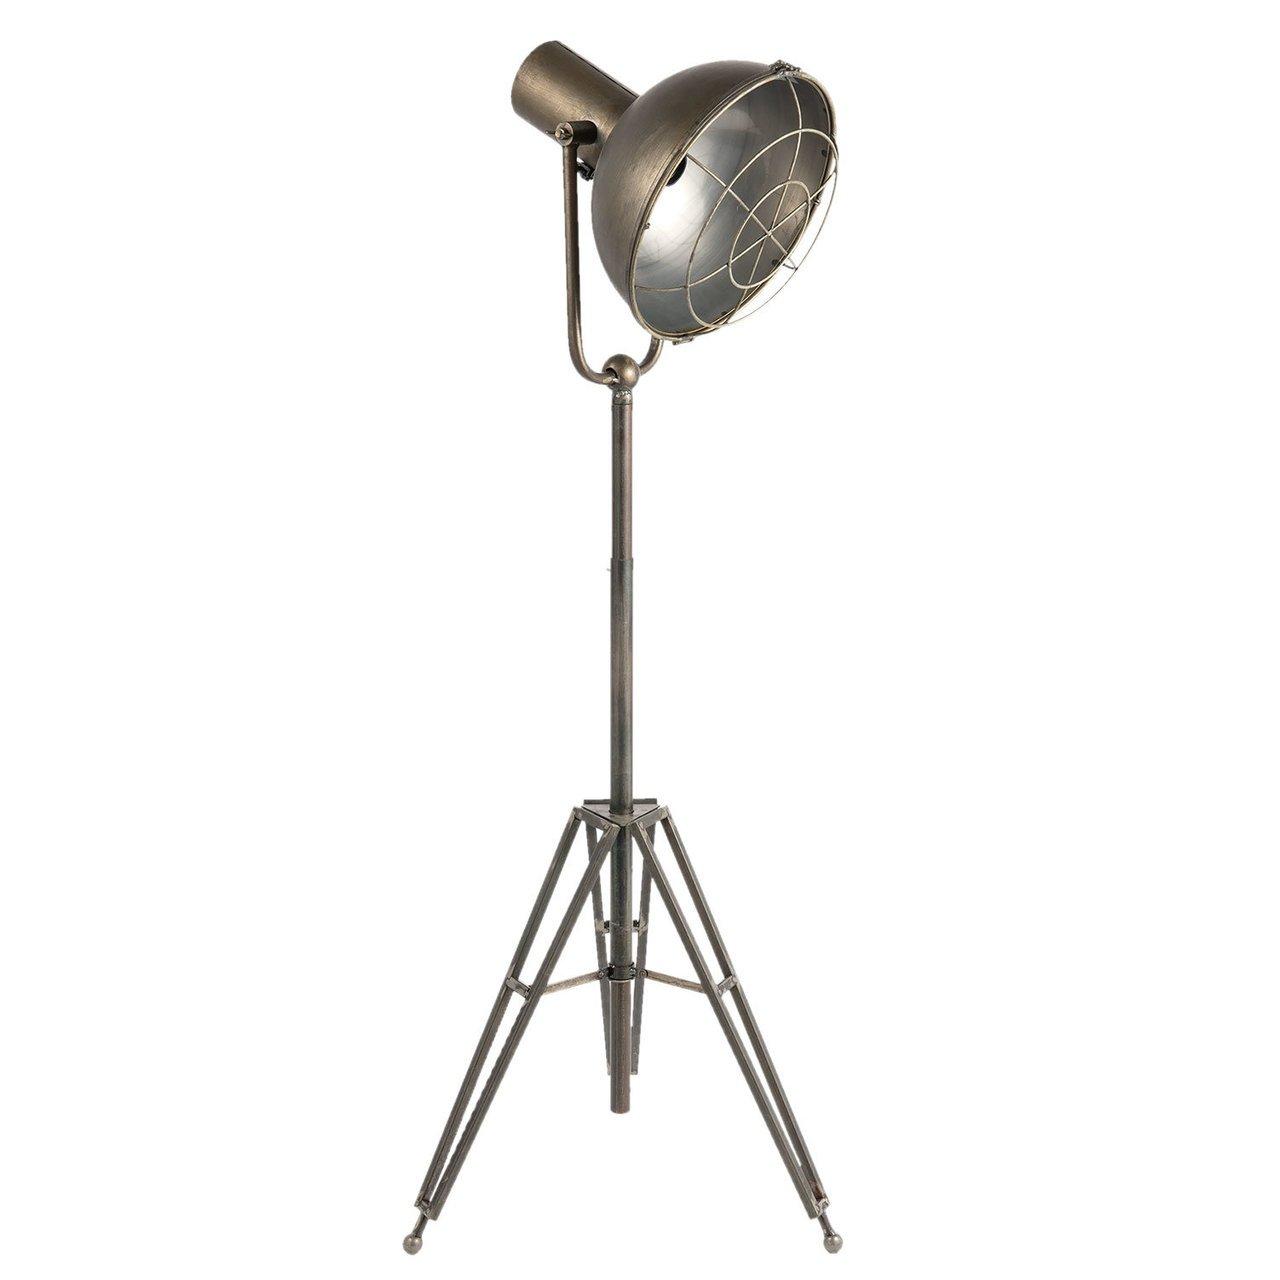 Clayre & Eef Stehlampe Industrial